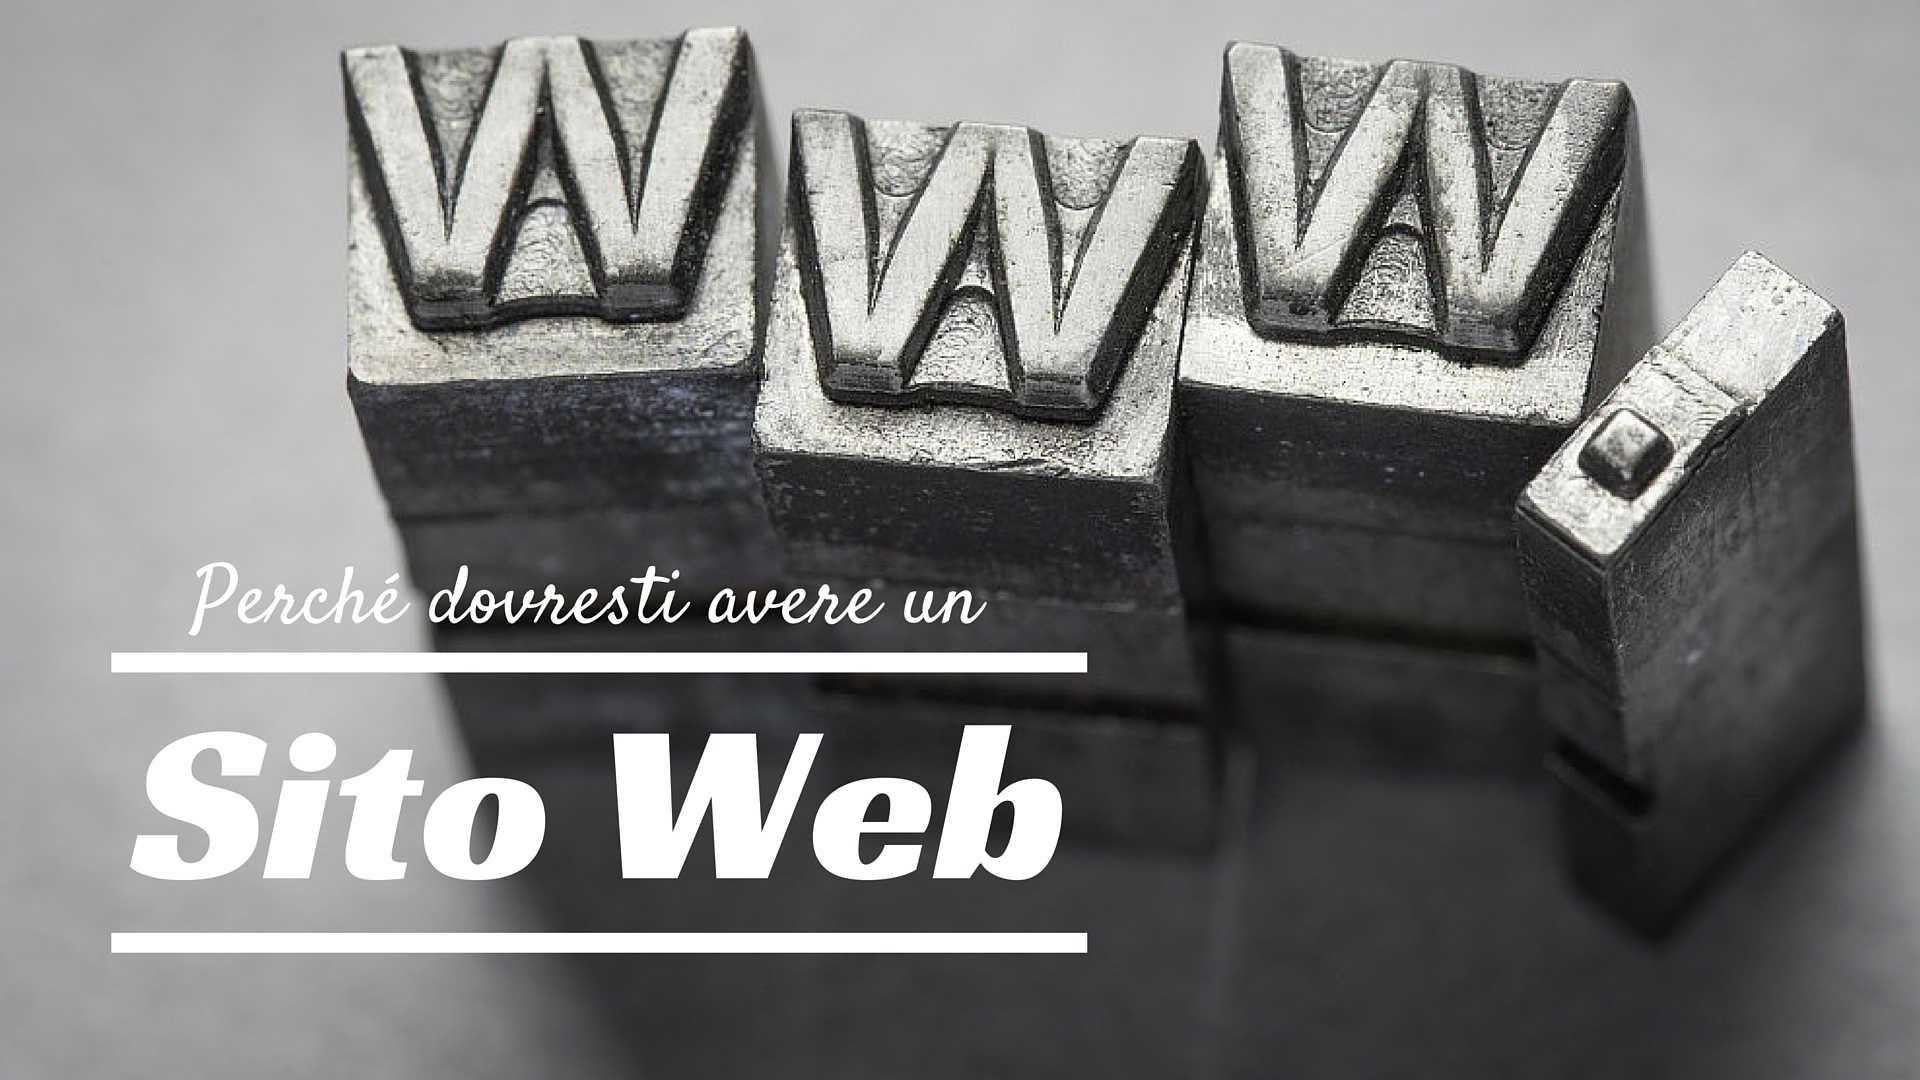 perché dovresti avere un sito web